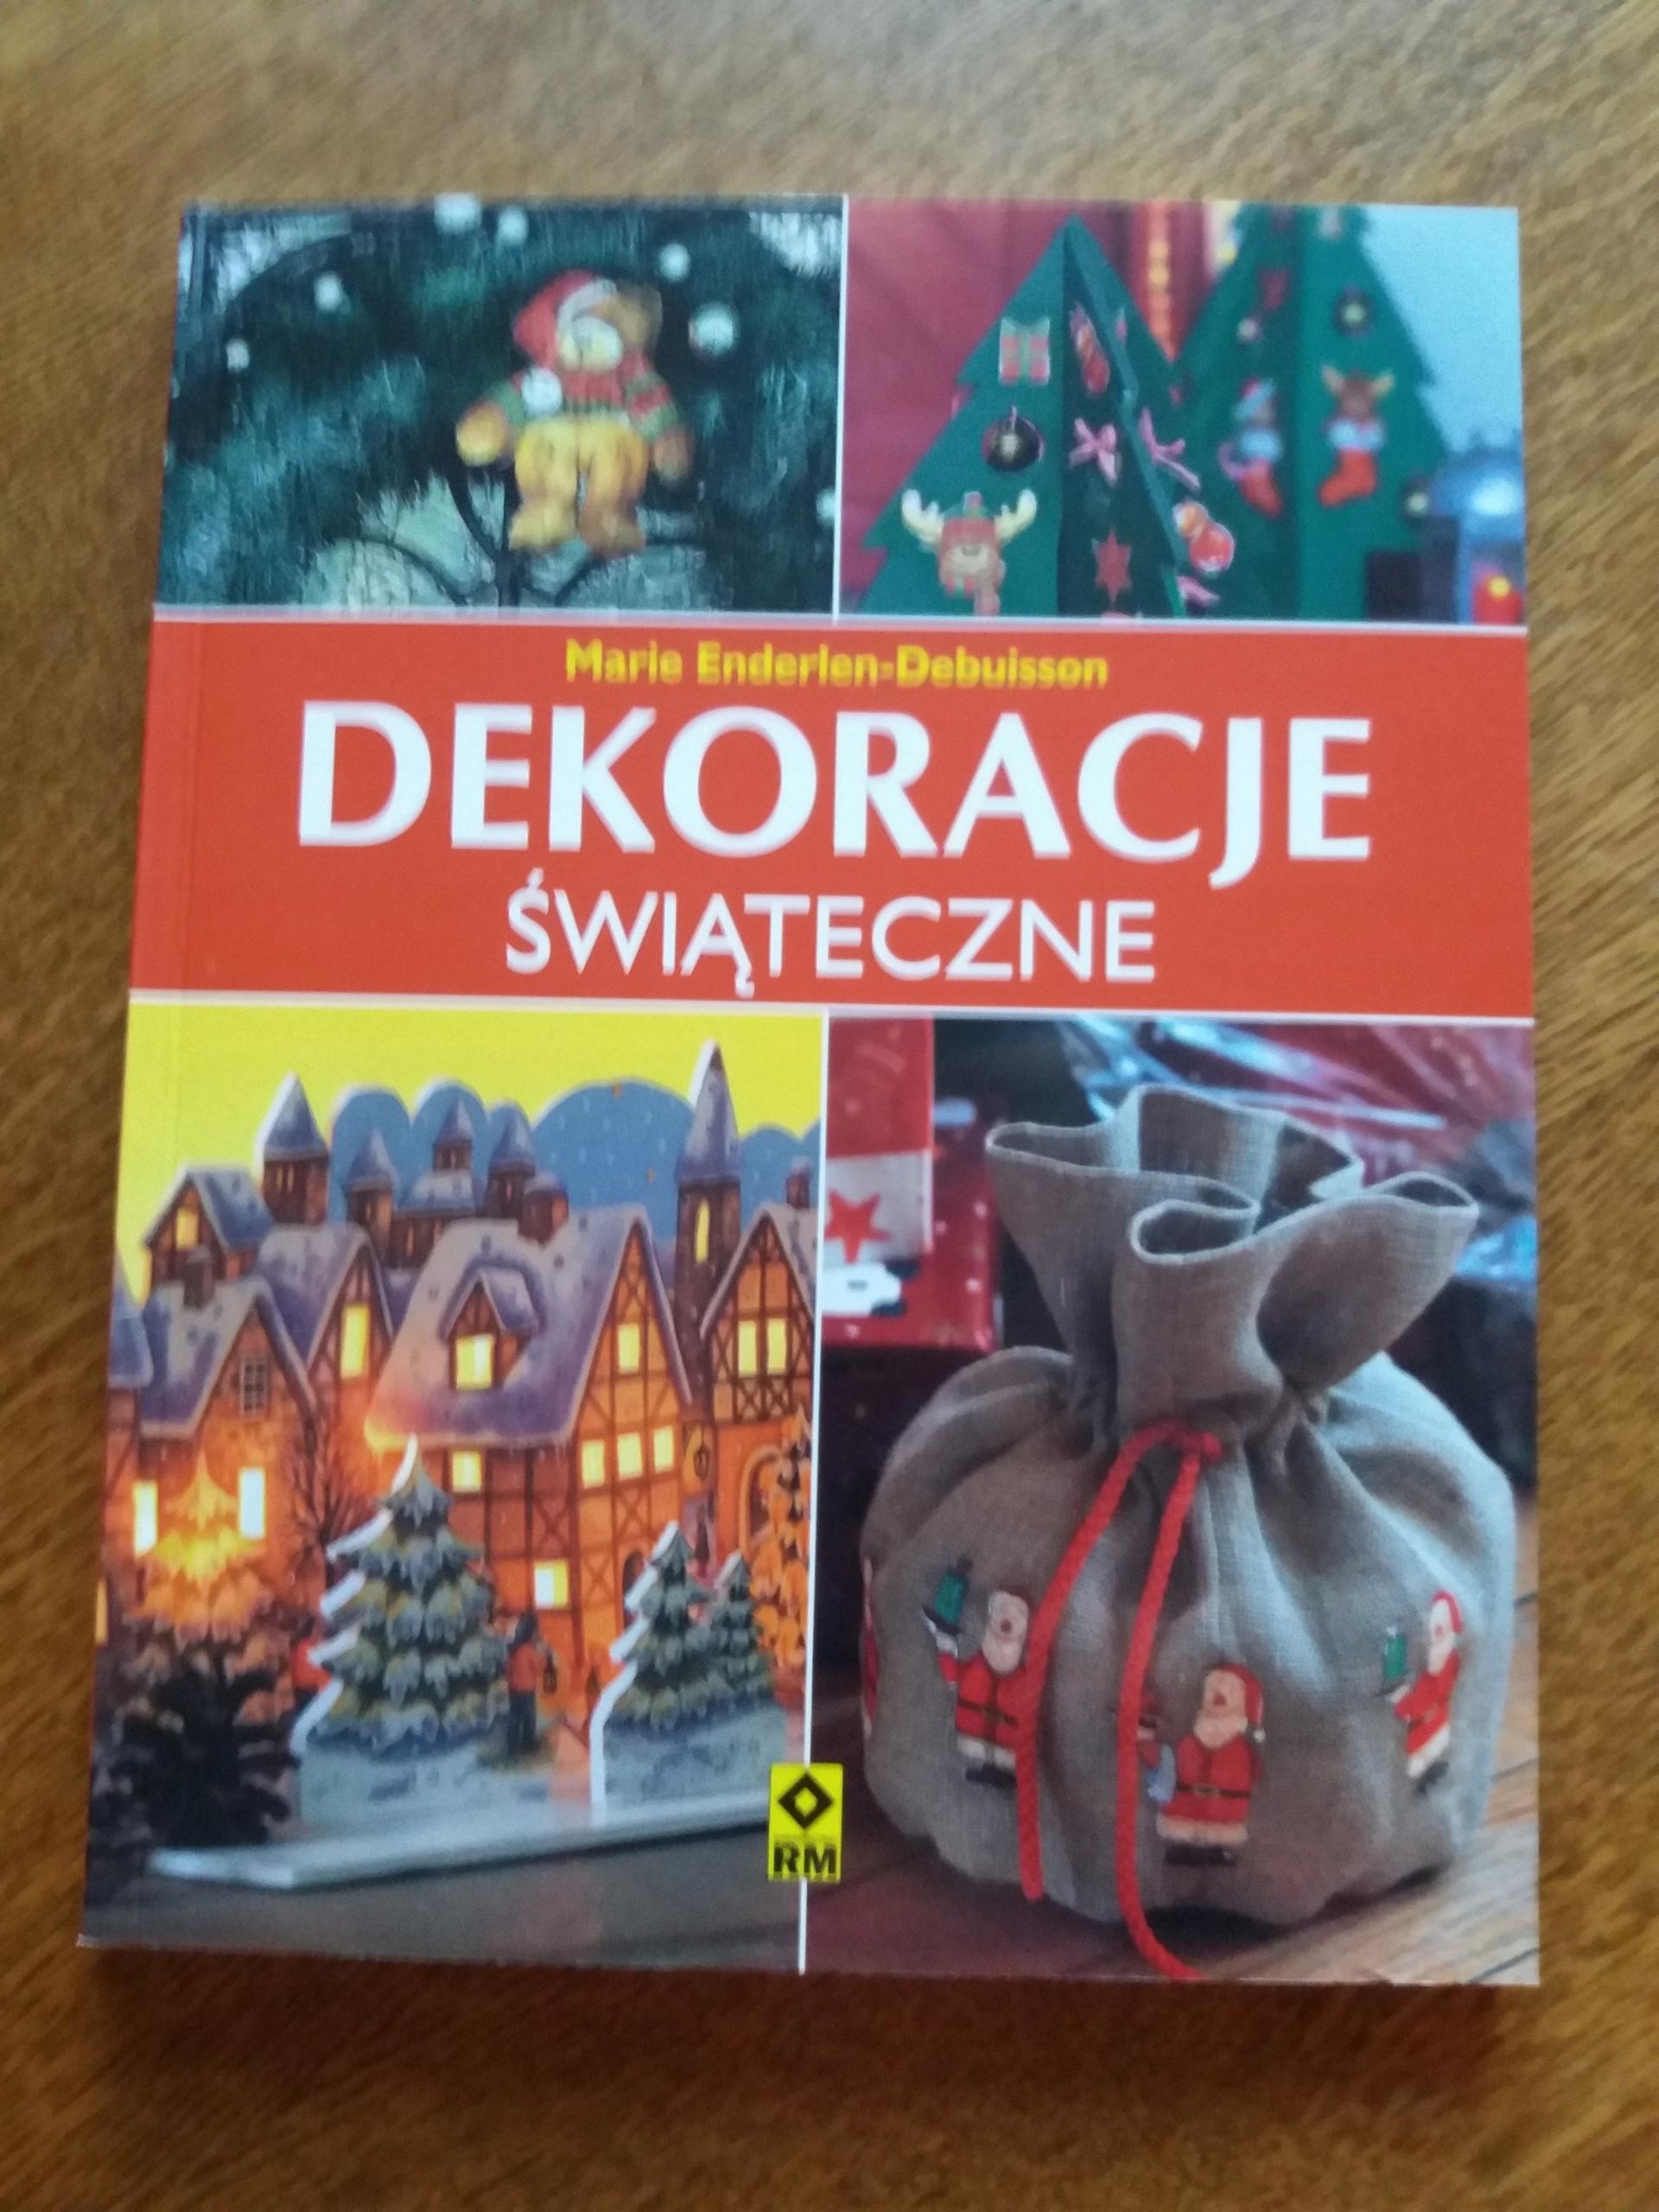 Dekoracje świąteczne książka Boże Narodzenie